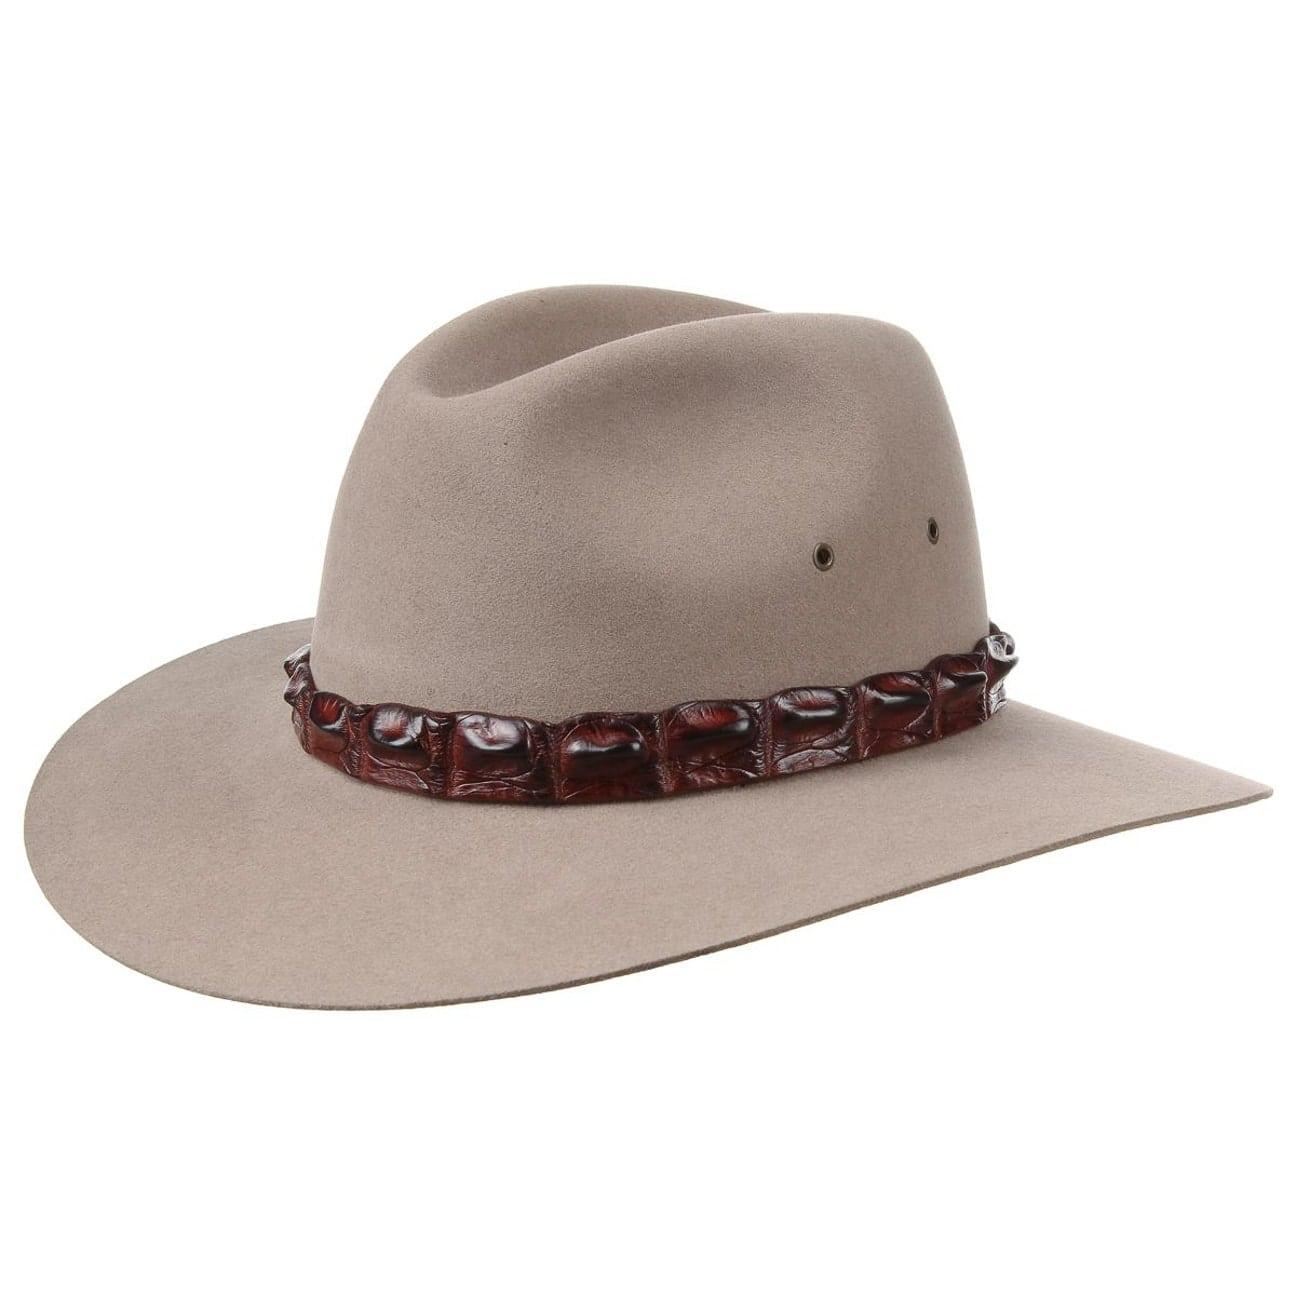 bf388b6e39225 Sombrero Fieltro Pelo Coolabah by Akubra - Sombreros - sombreroshop.es